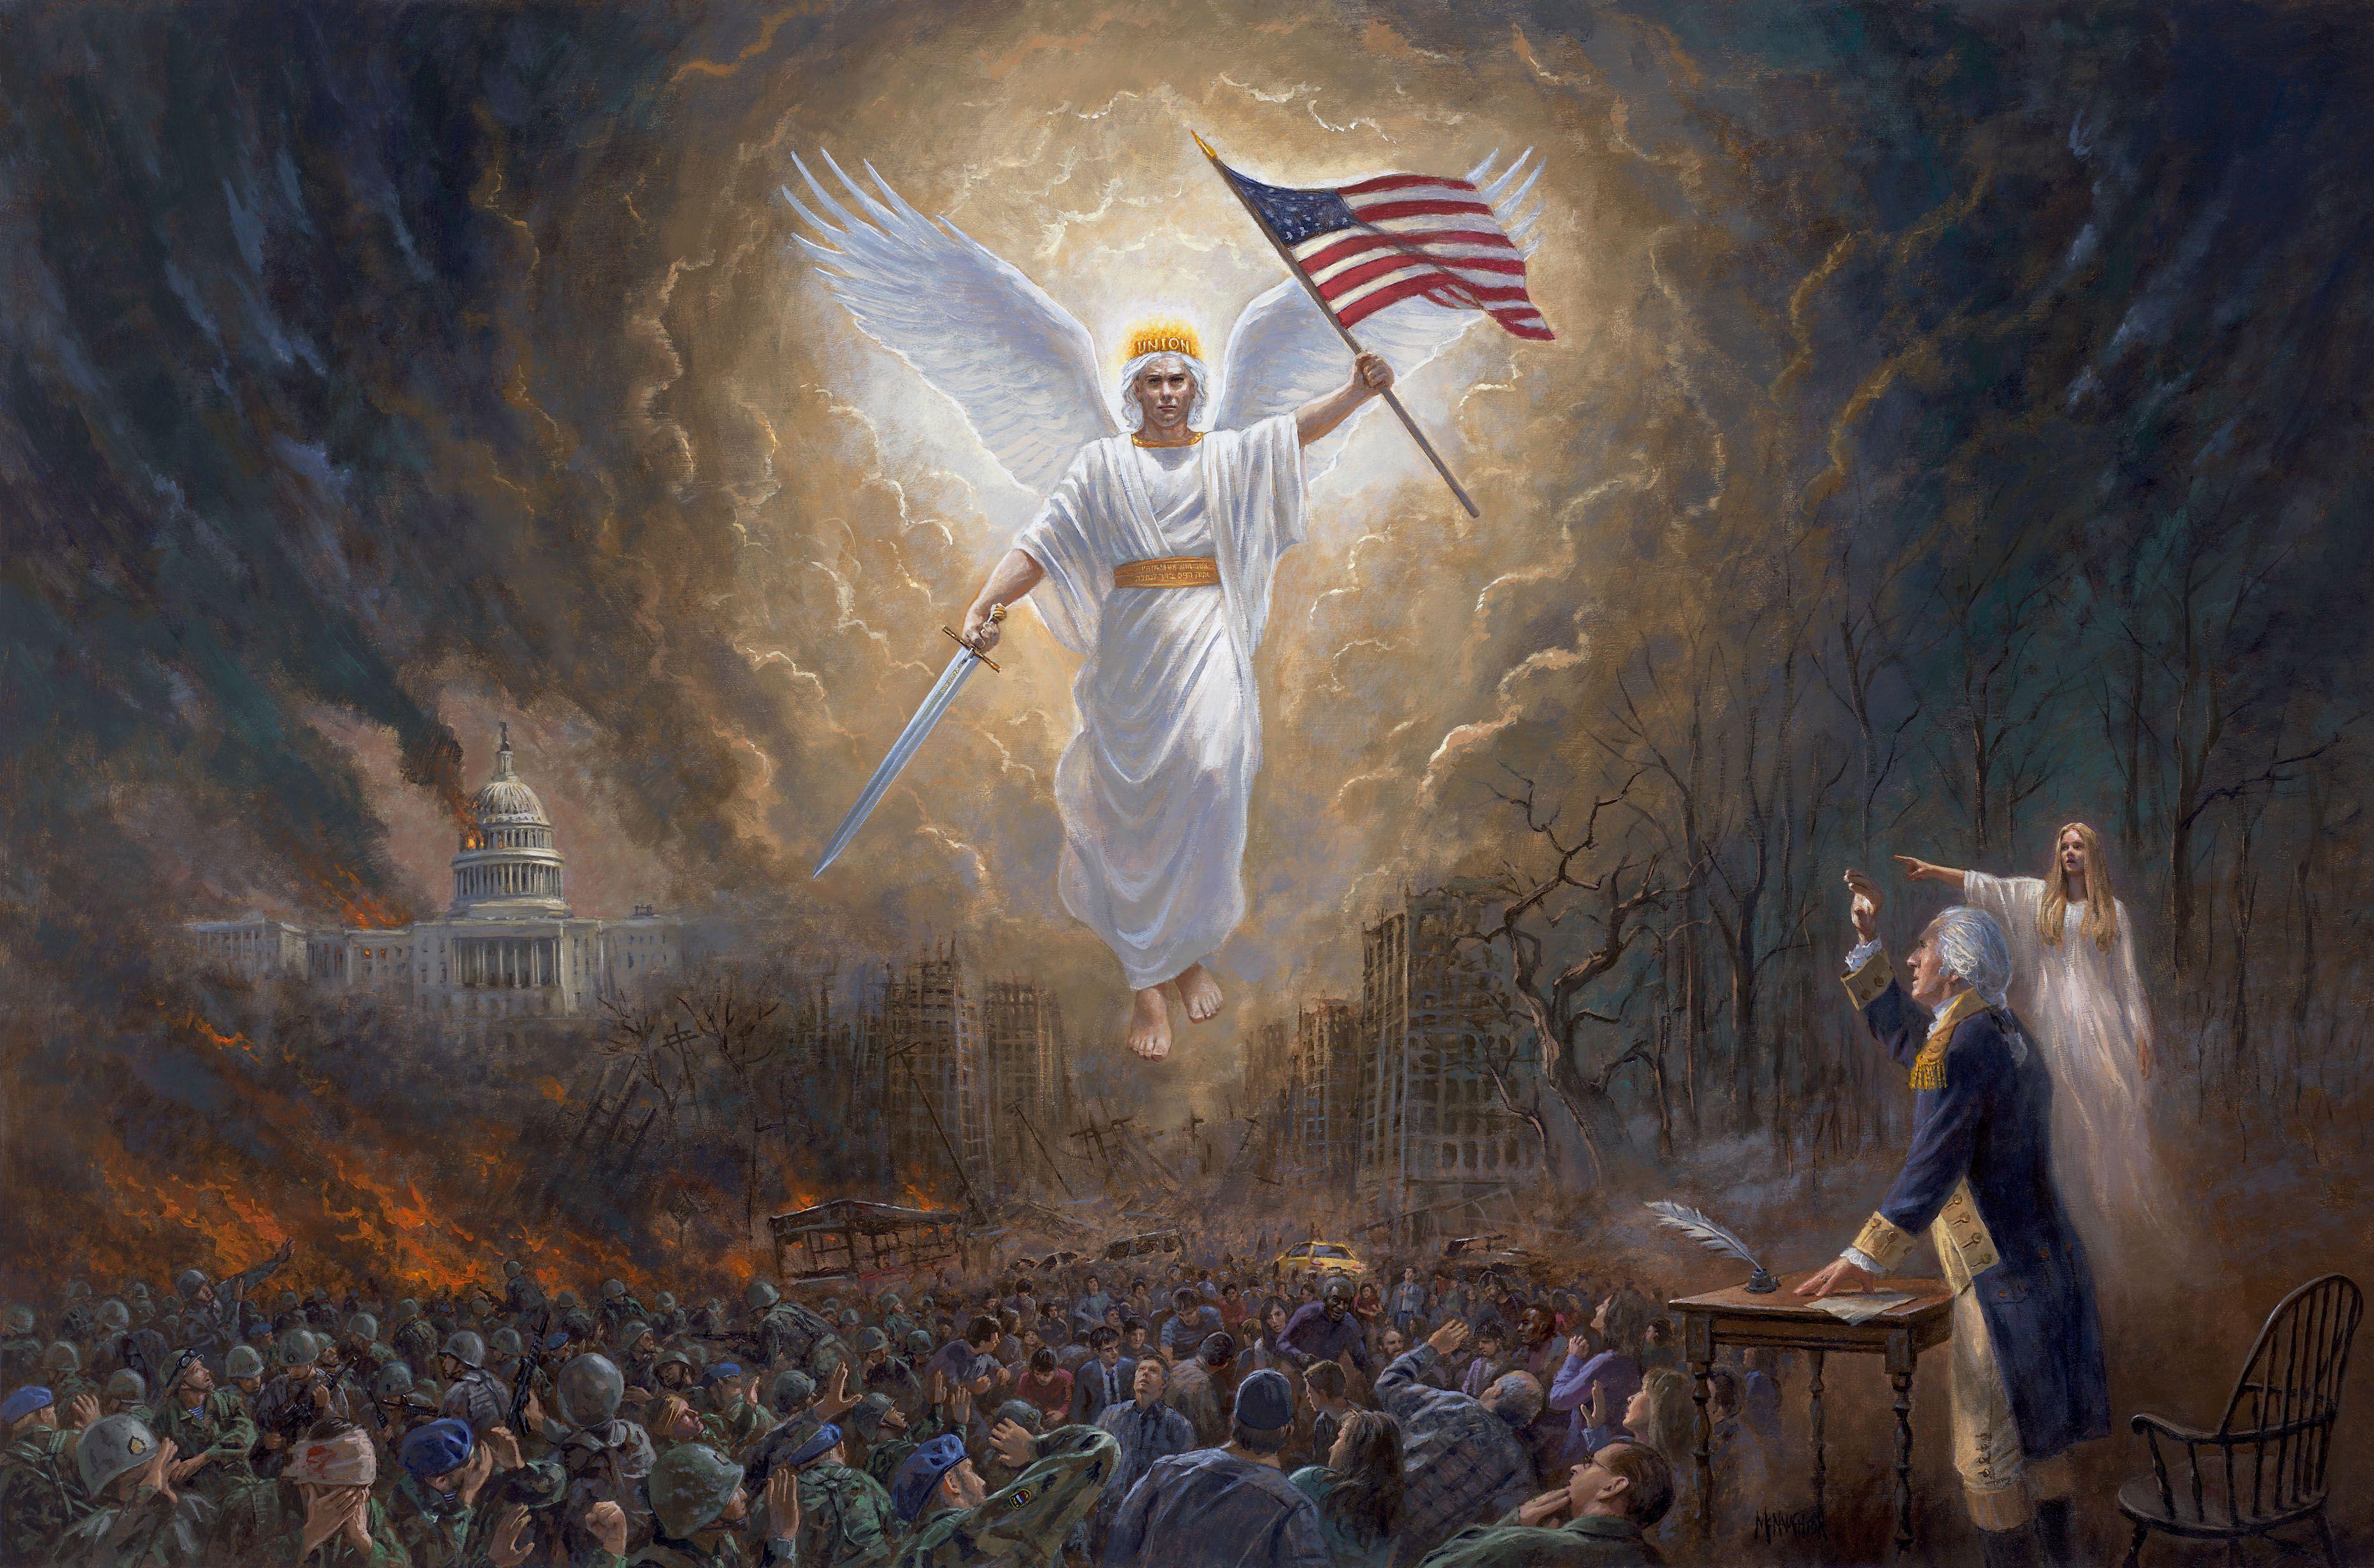 Nation Under God Painting Mcnaughton - Yahoo